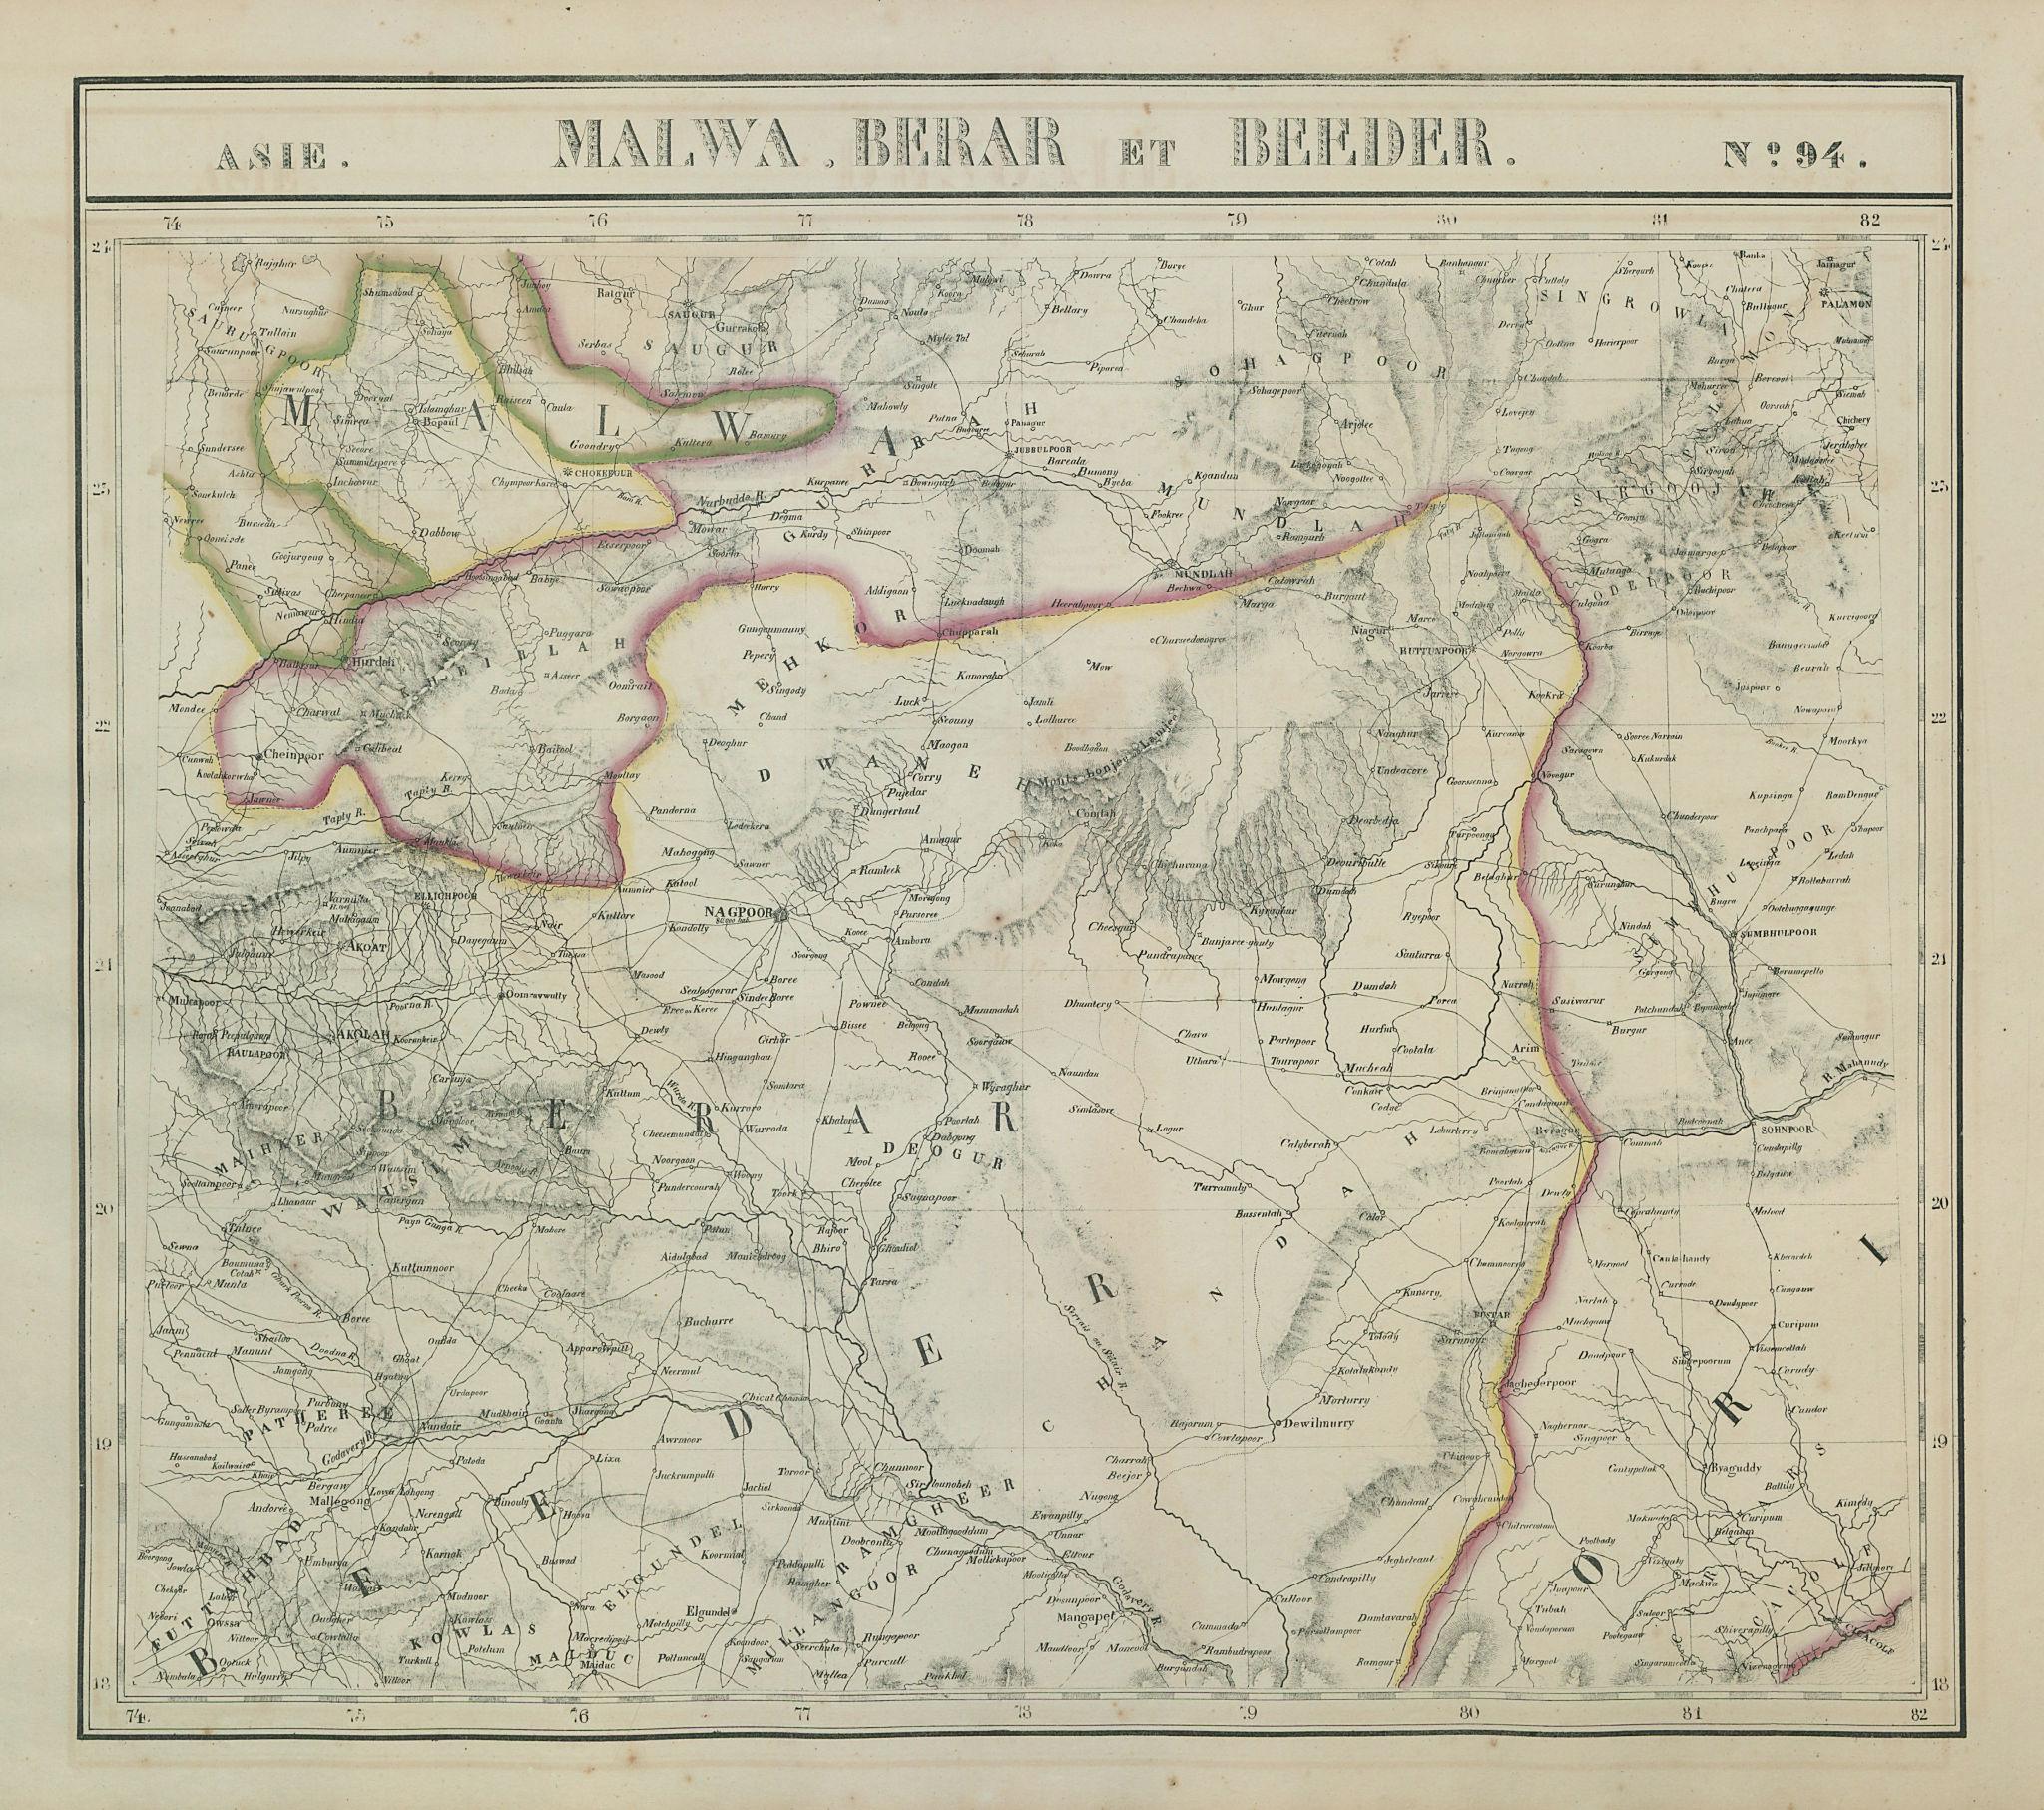 Asie. Malwa, Berar & Beeder #94 Central India Chhattisgarh VANDERMAELEN 1827 map